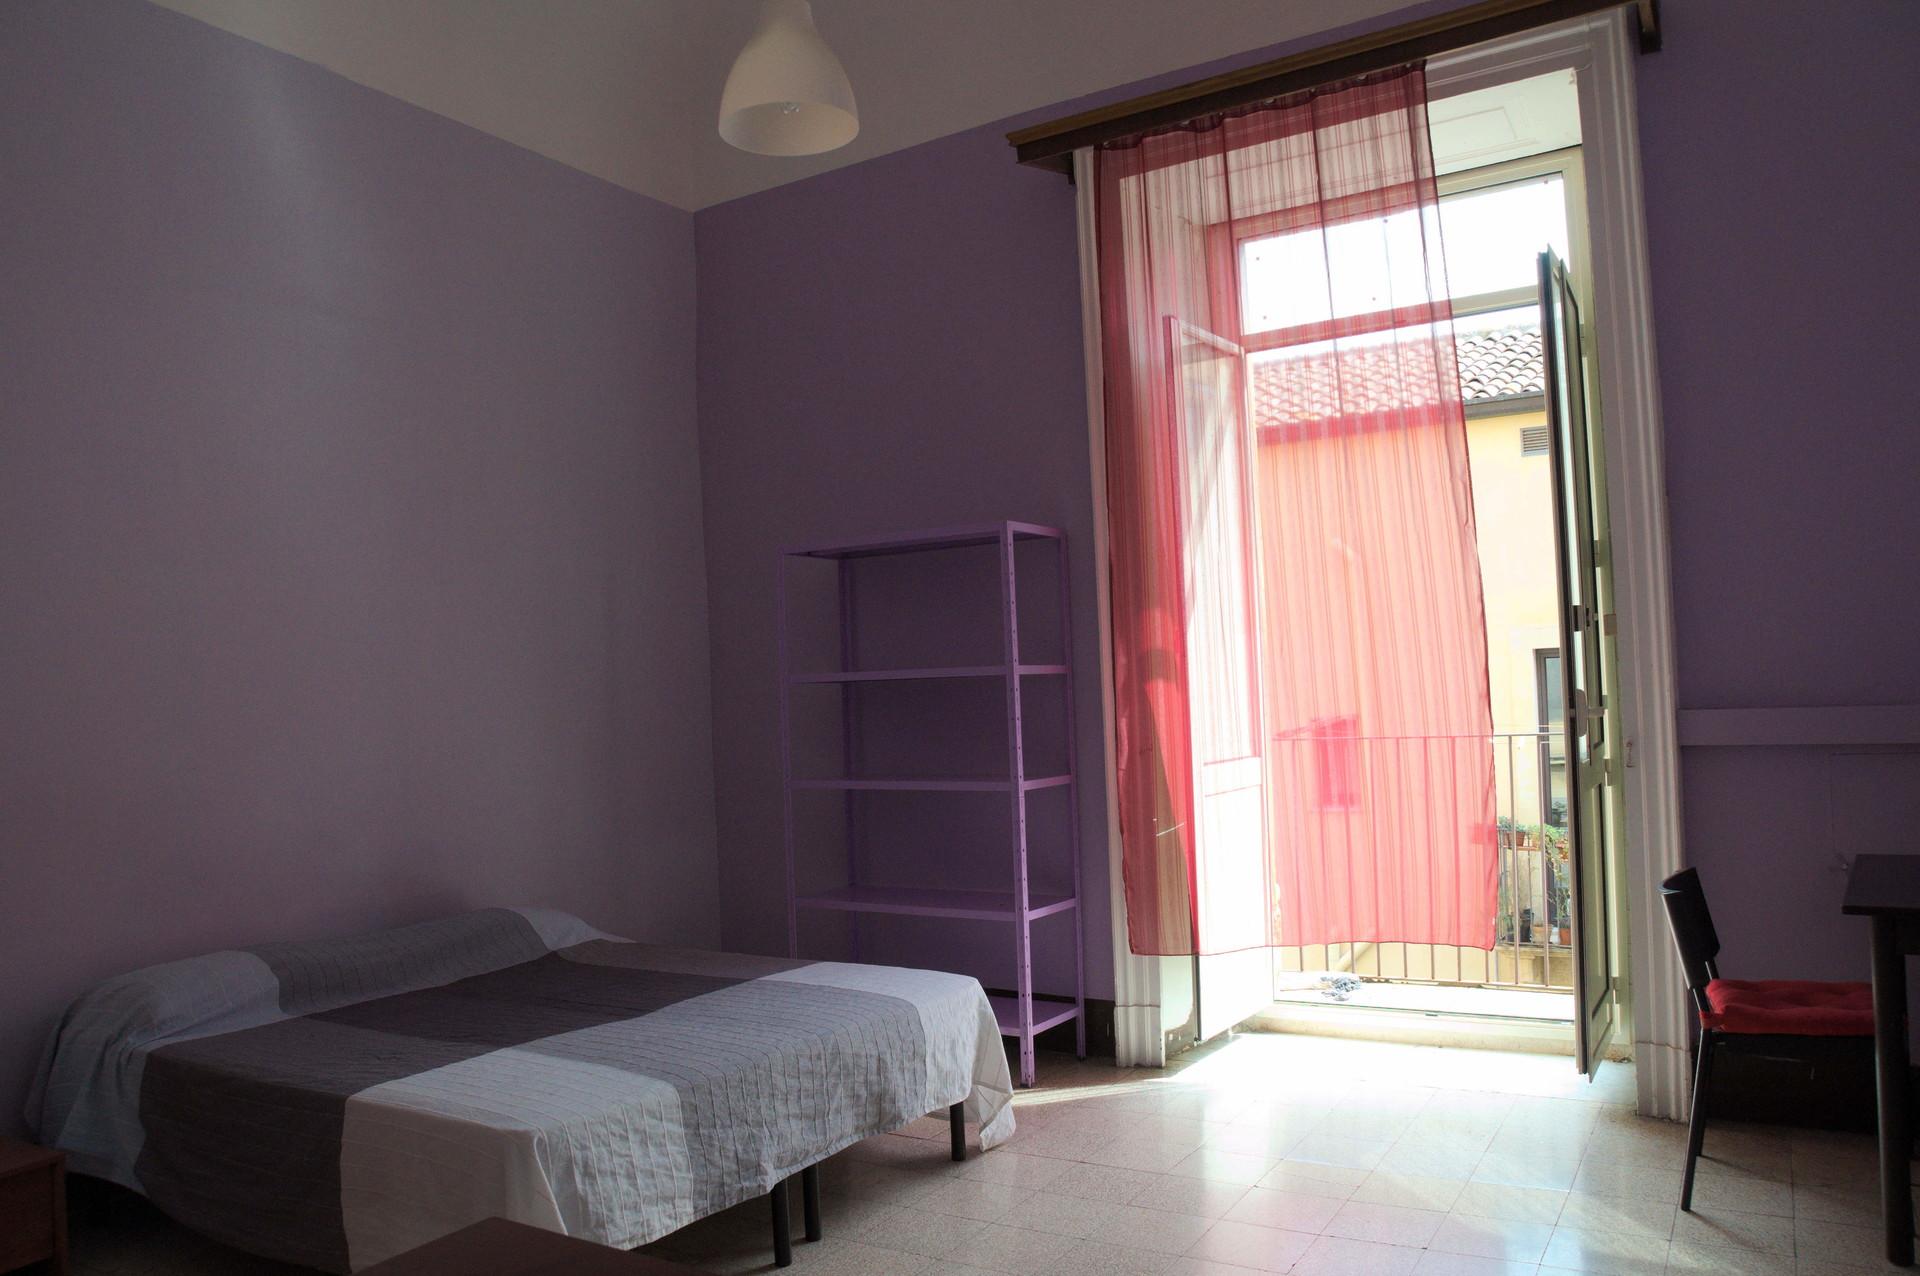 coloured-funny-room-shared-apartment-hearth-catania-617d6e3cf33386f0a654bc529558a1c9